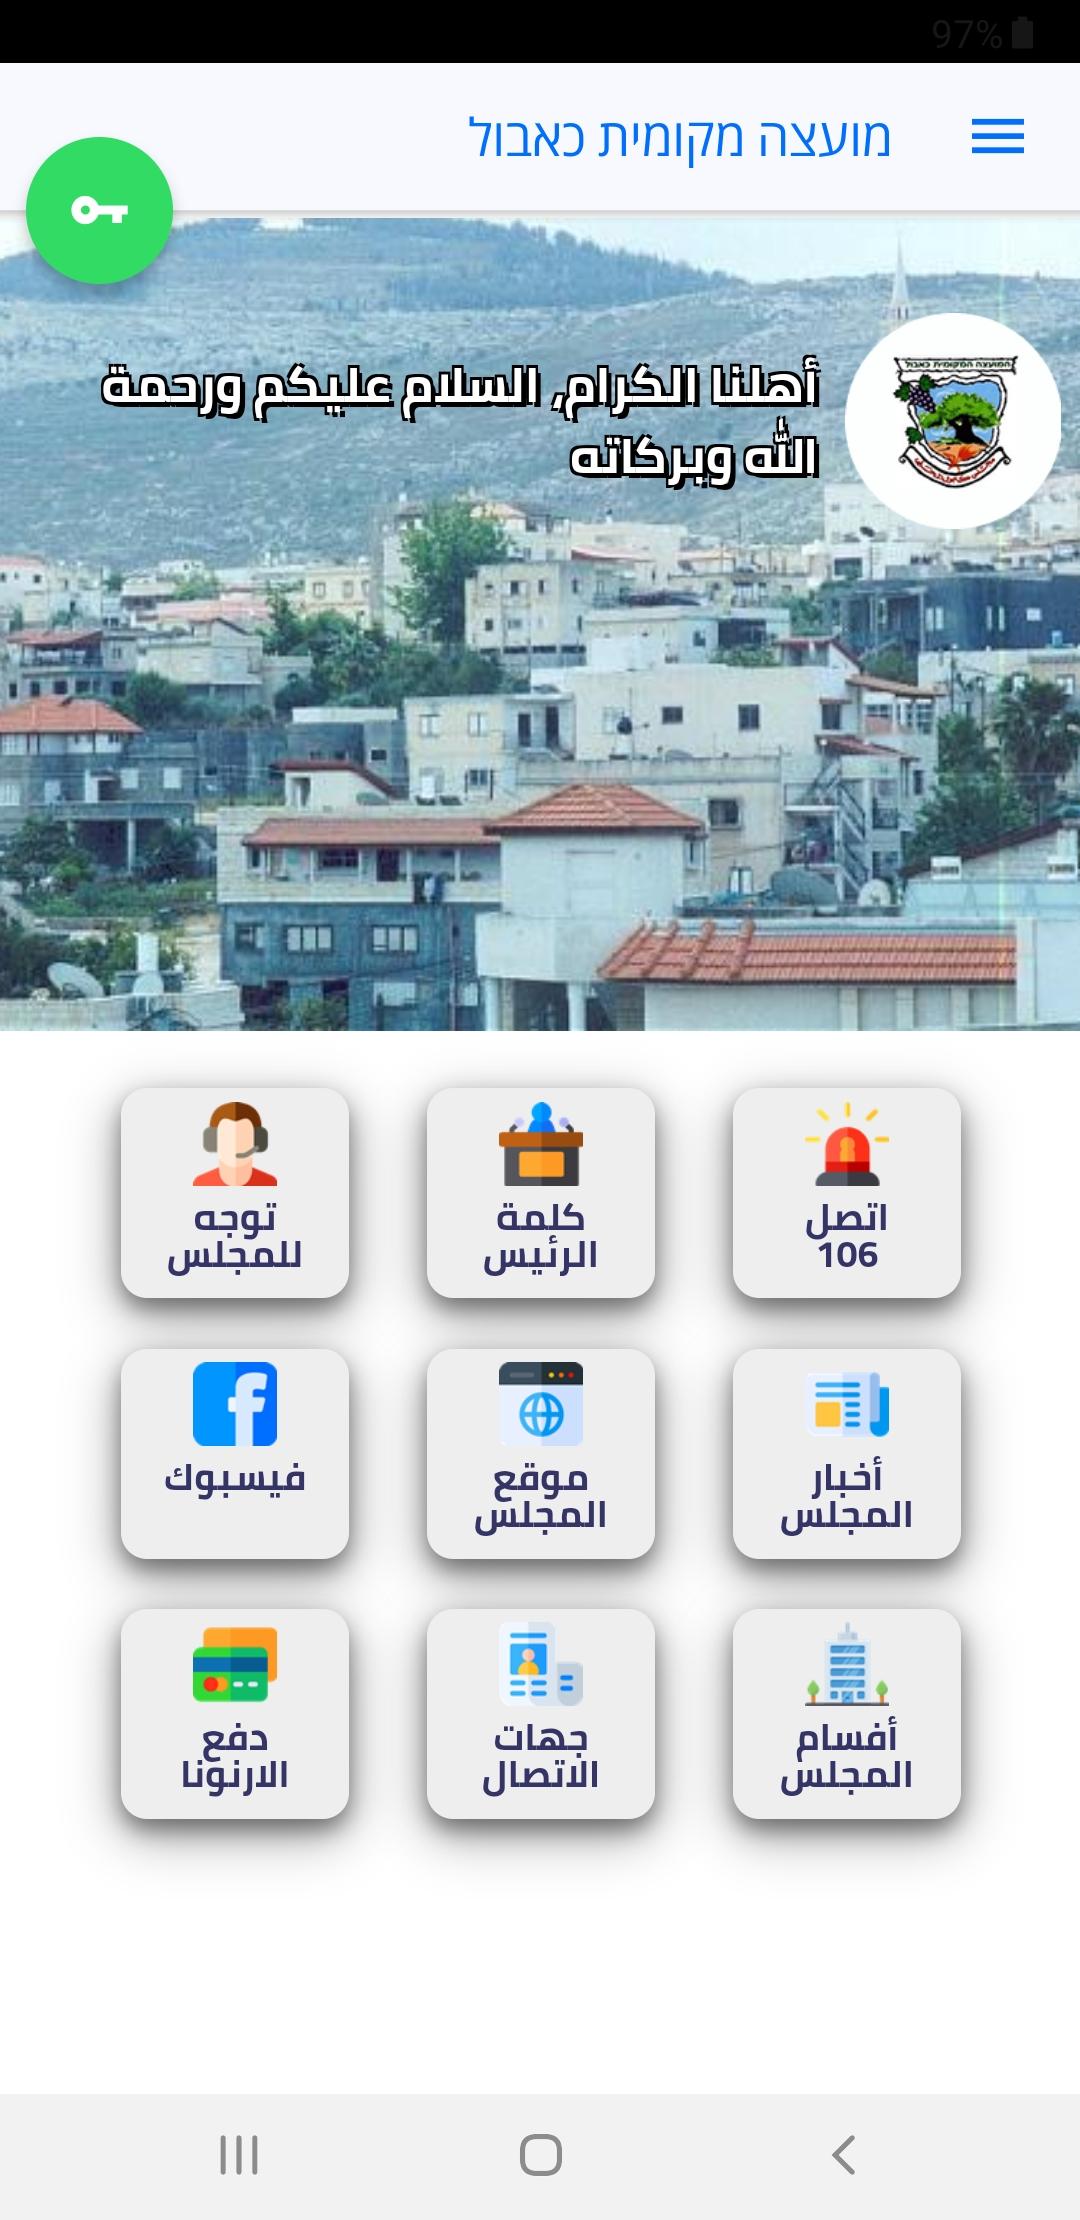 אפליקציית מוקד עירוני - citycall center לדיווח על מפגעים בכפר